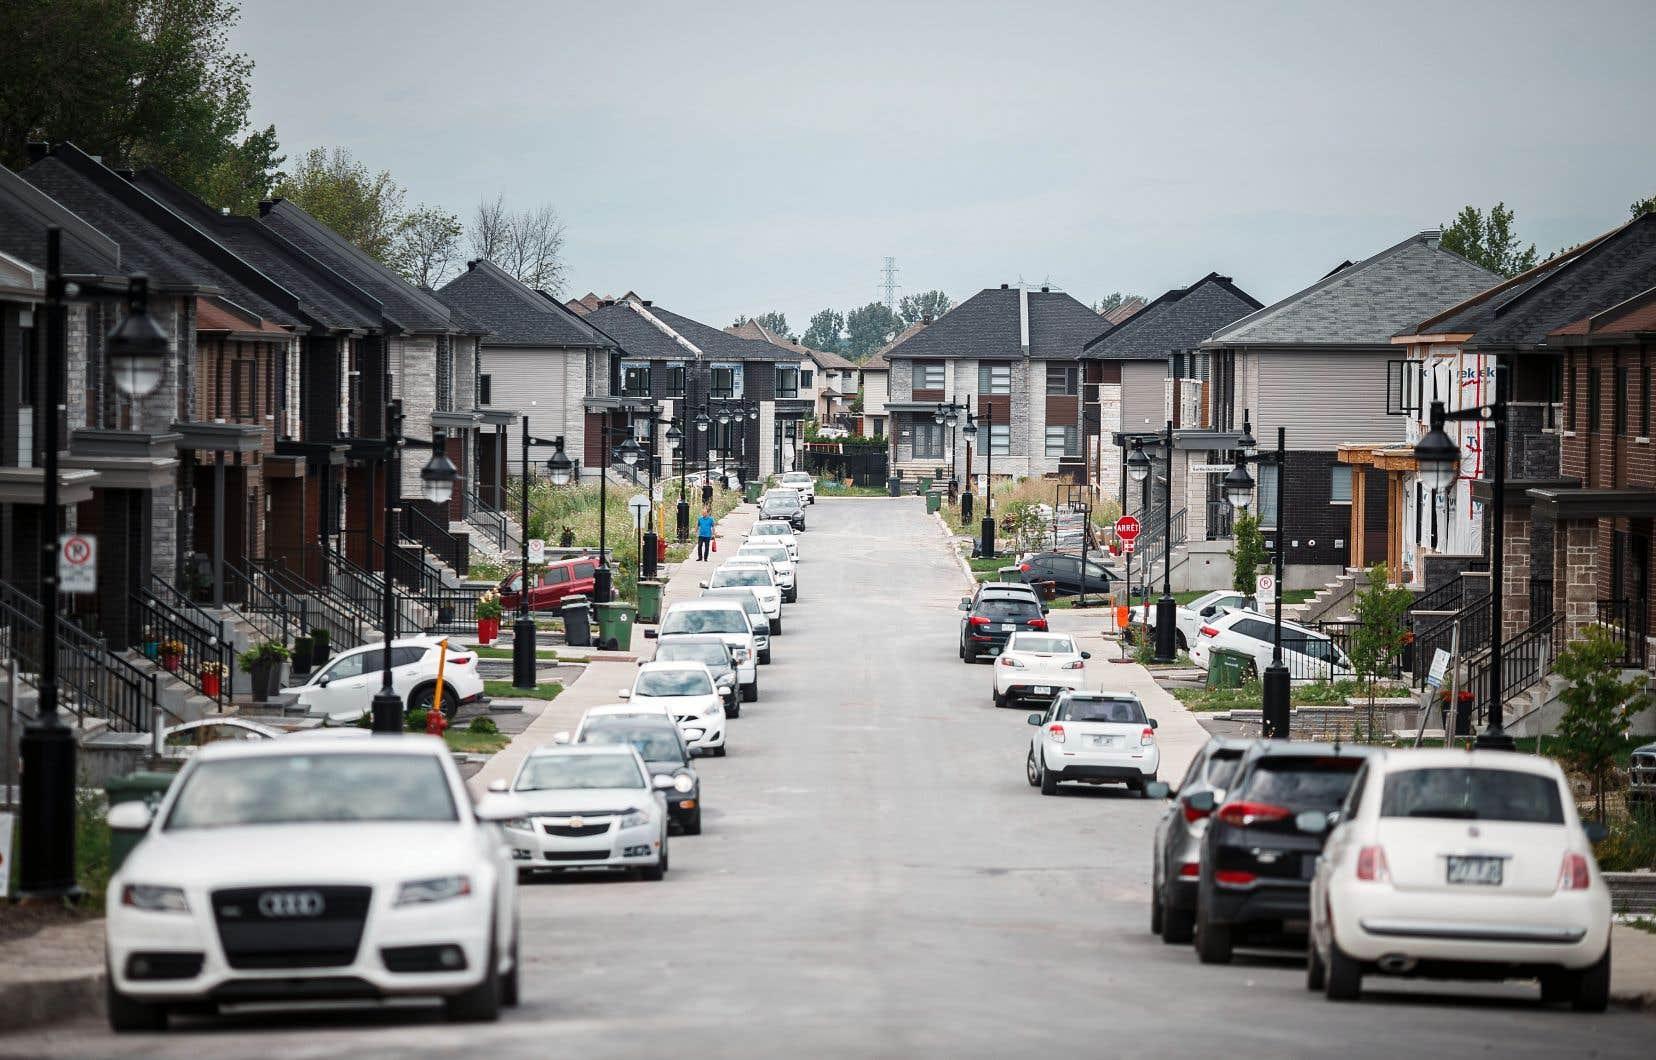 De nouveaux projets domiciliaires se sont multipliés dans la province, permettant aux municipalités situées en périphérie des centres urbains de croître à une vitesse jusqu'alors inégalée.